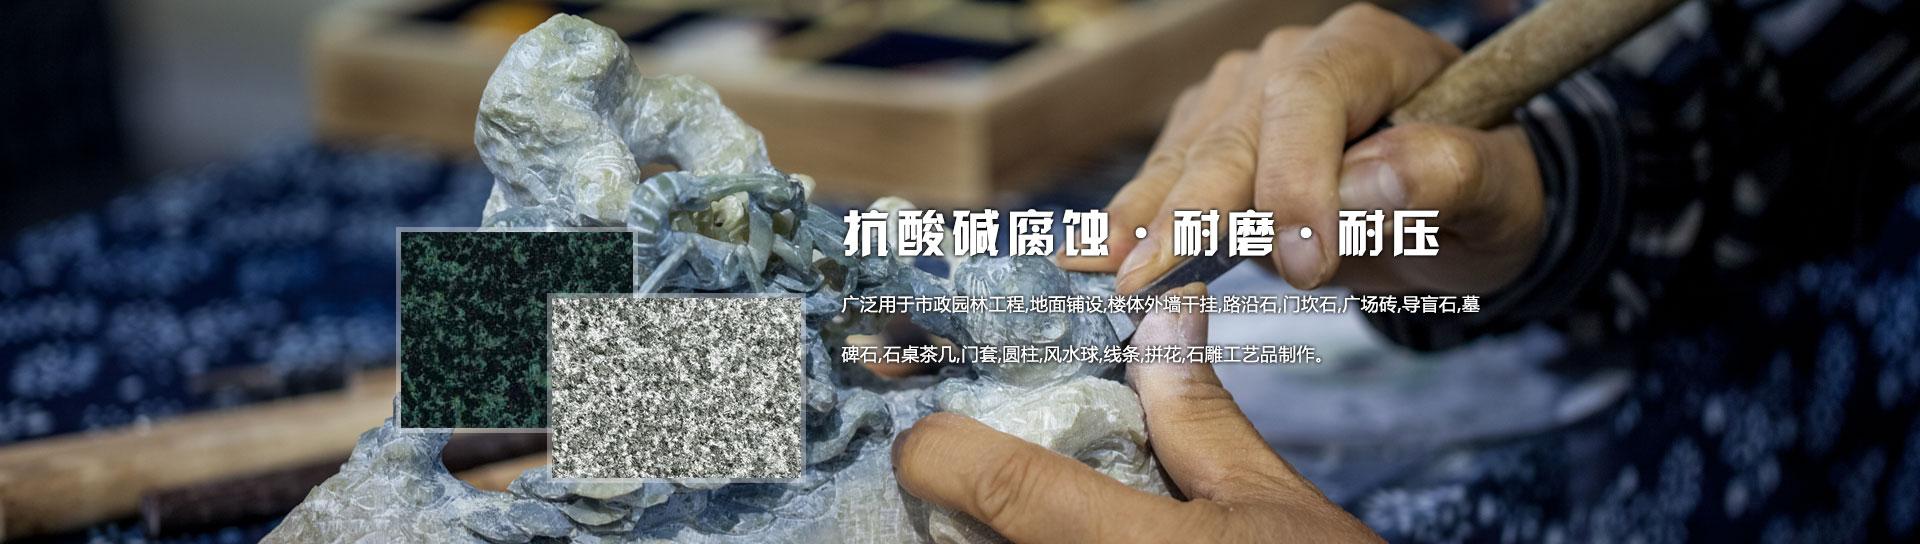 浪淘沙石材,浪淘沙石材厂家,浪淘沙石材价格,深绿麻石材,万年青石材